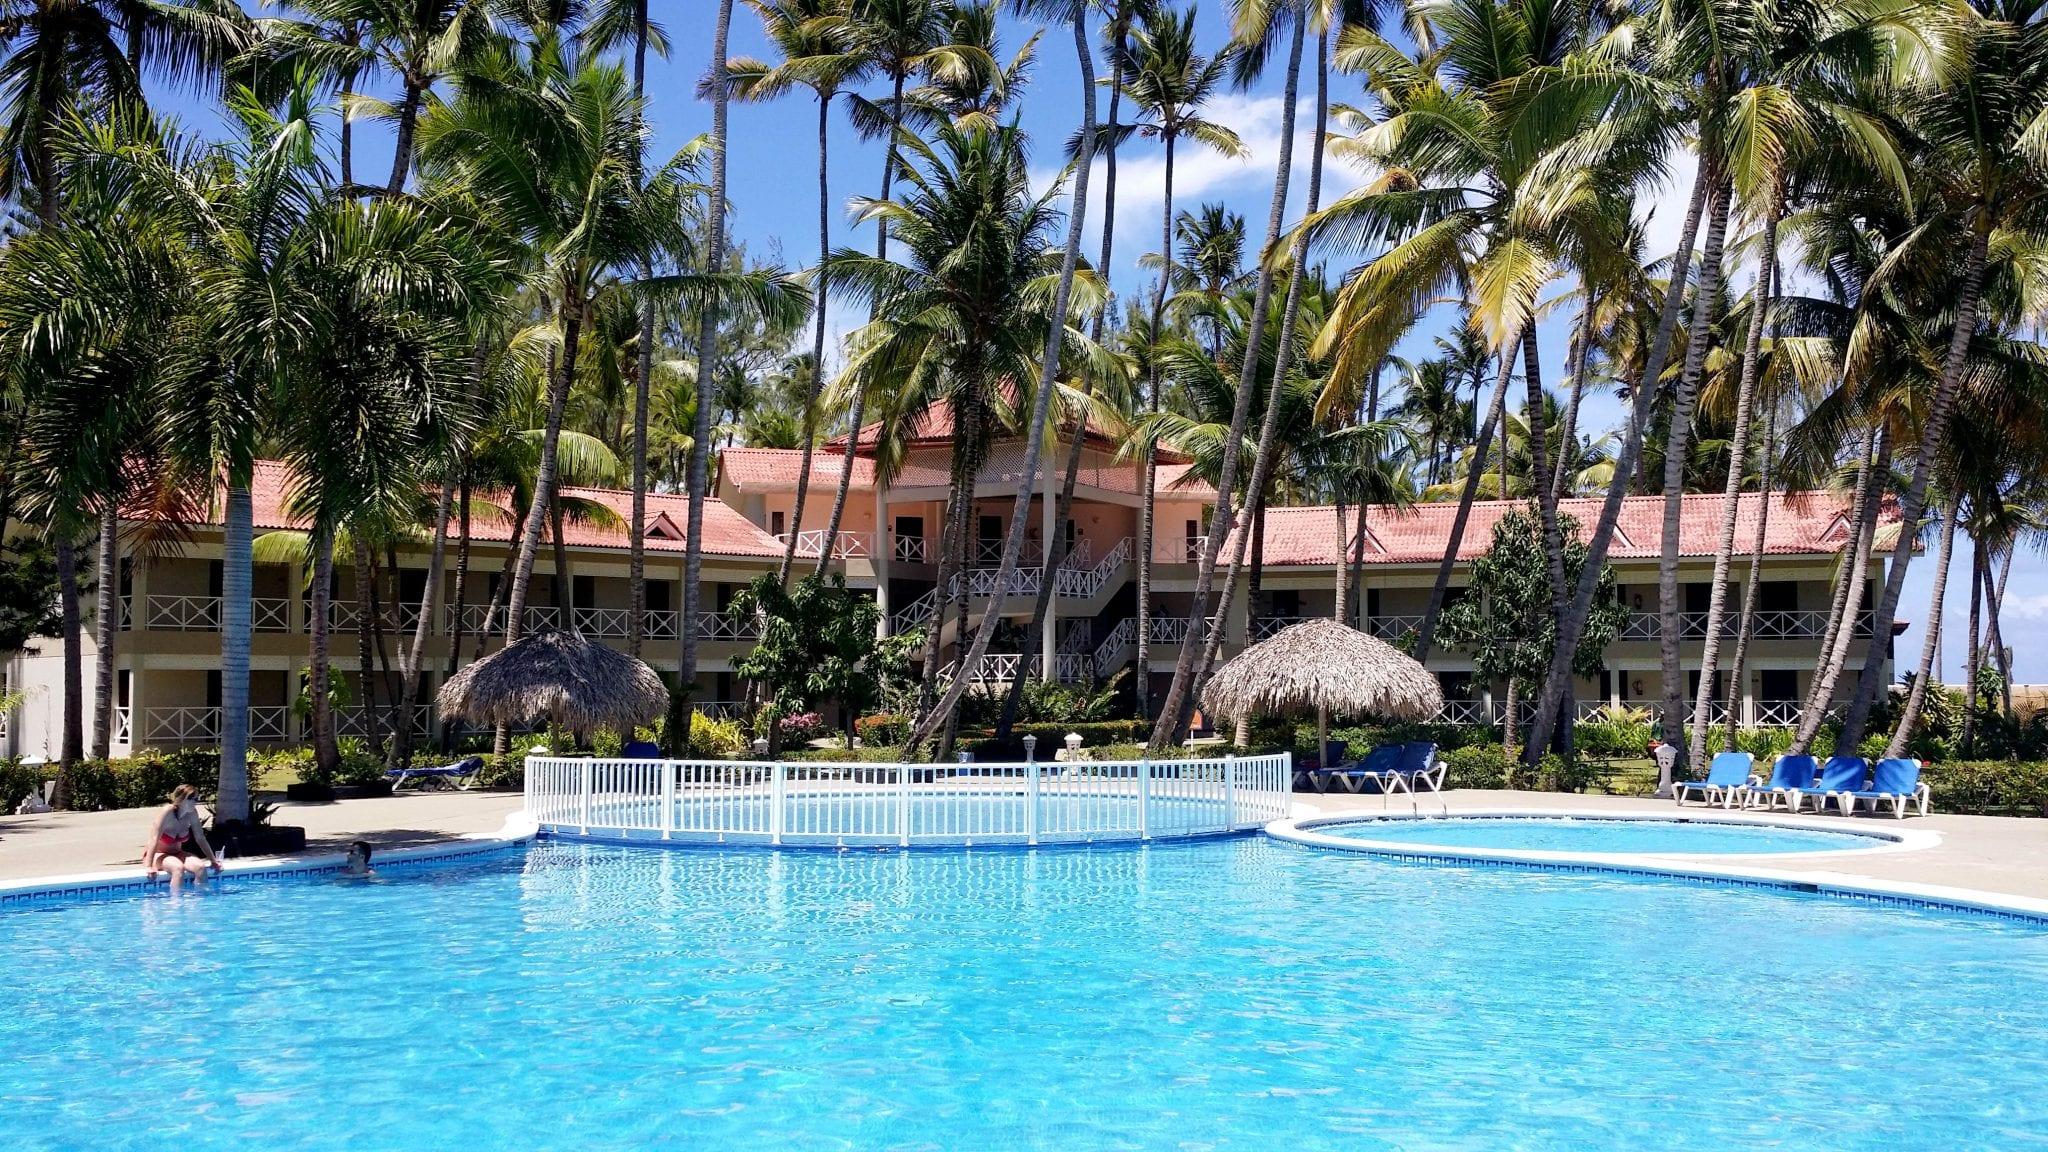 Zweiter großer Pool der Anlage Vista Sol Punta Cana